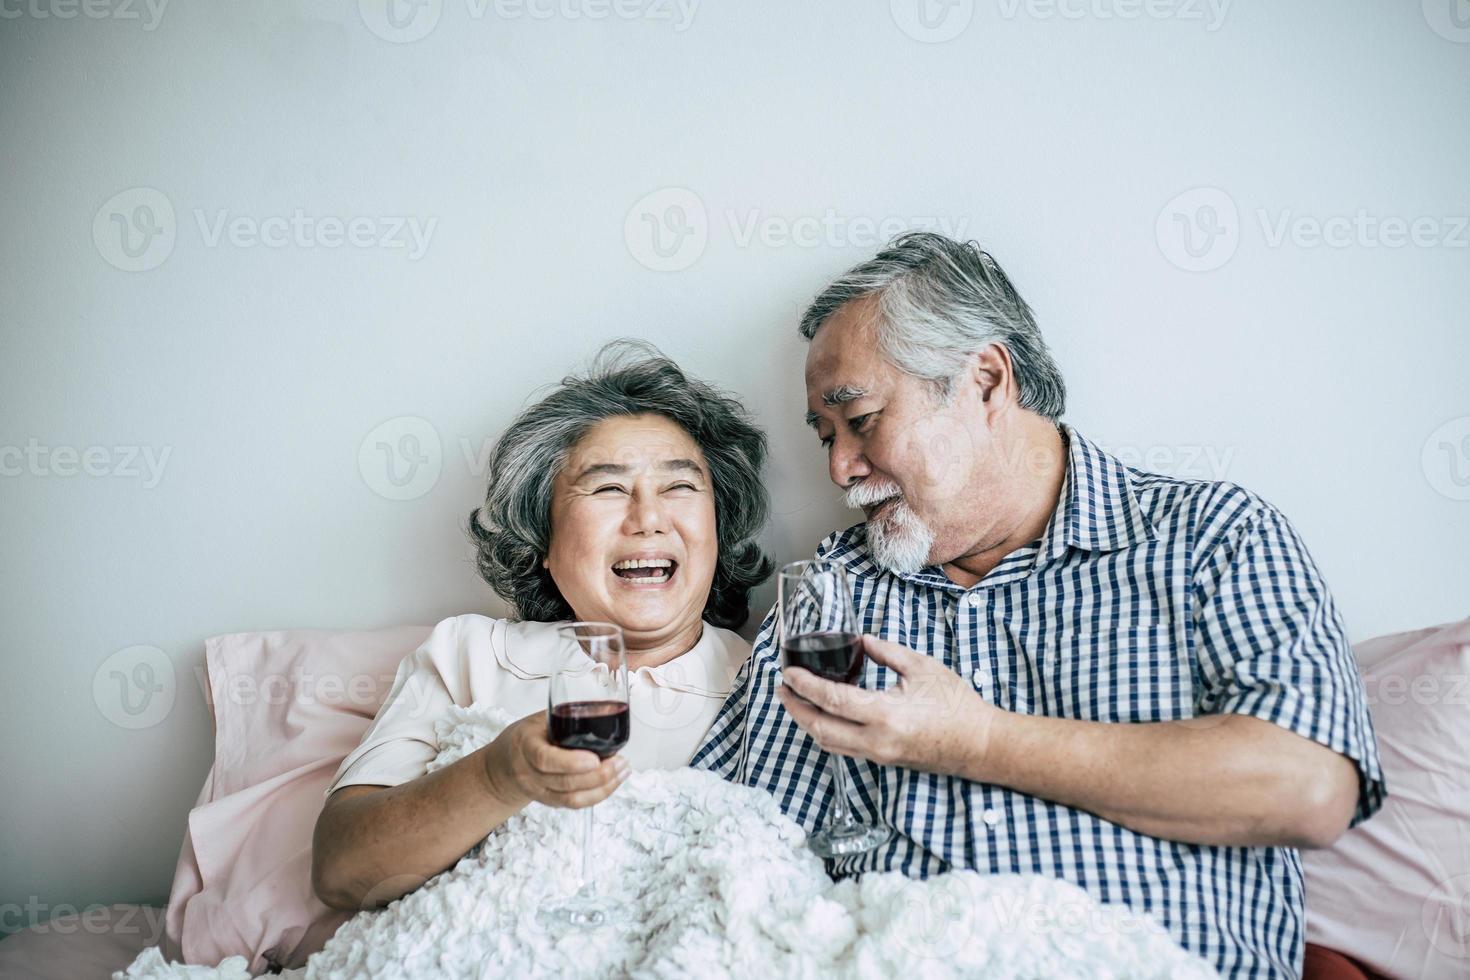 pareja de ancianos disfrutando de su aniversario en el dormitorio foto